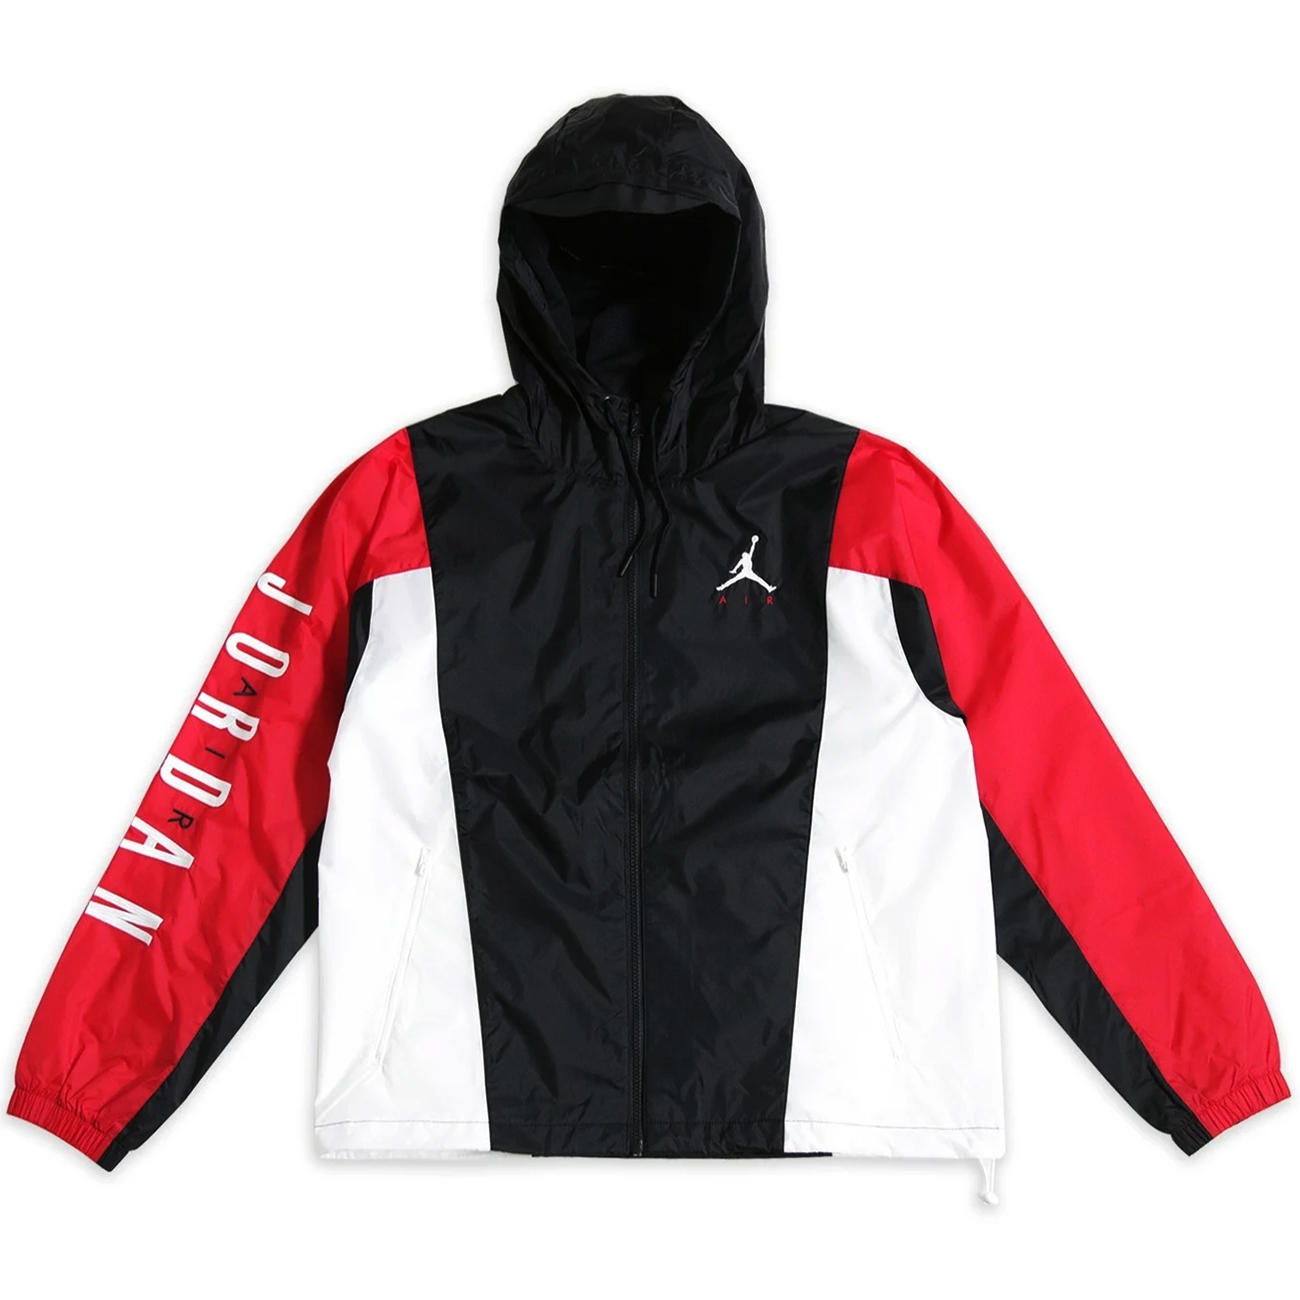 Nike Air Jordan Herren Windbreaker schwarz rot weiß